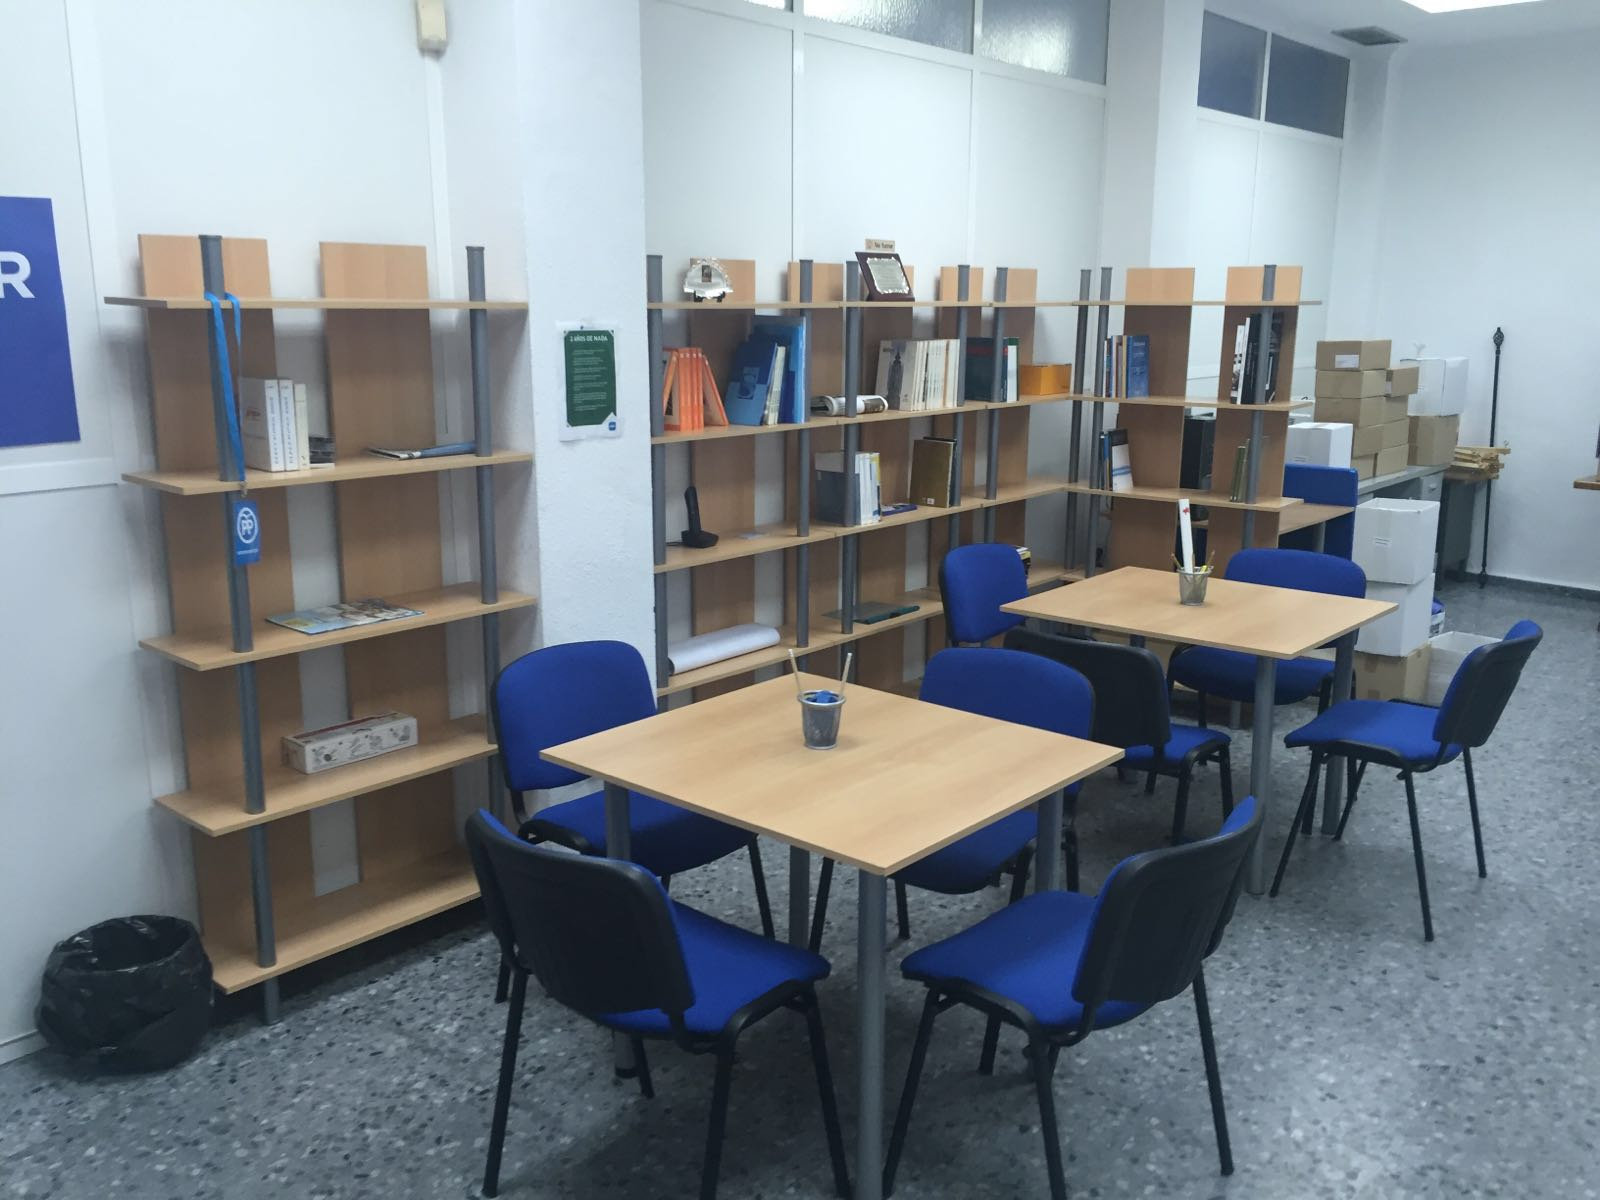 Mesas de trabajo para estudio y grupos pequeños. Junto a la pequeña cocina y el almacén.